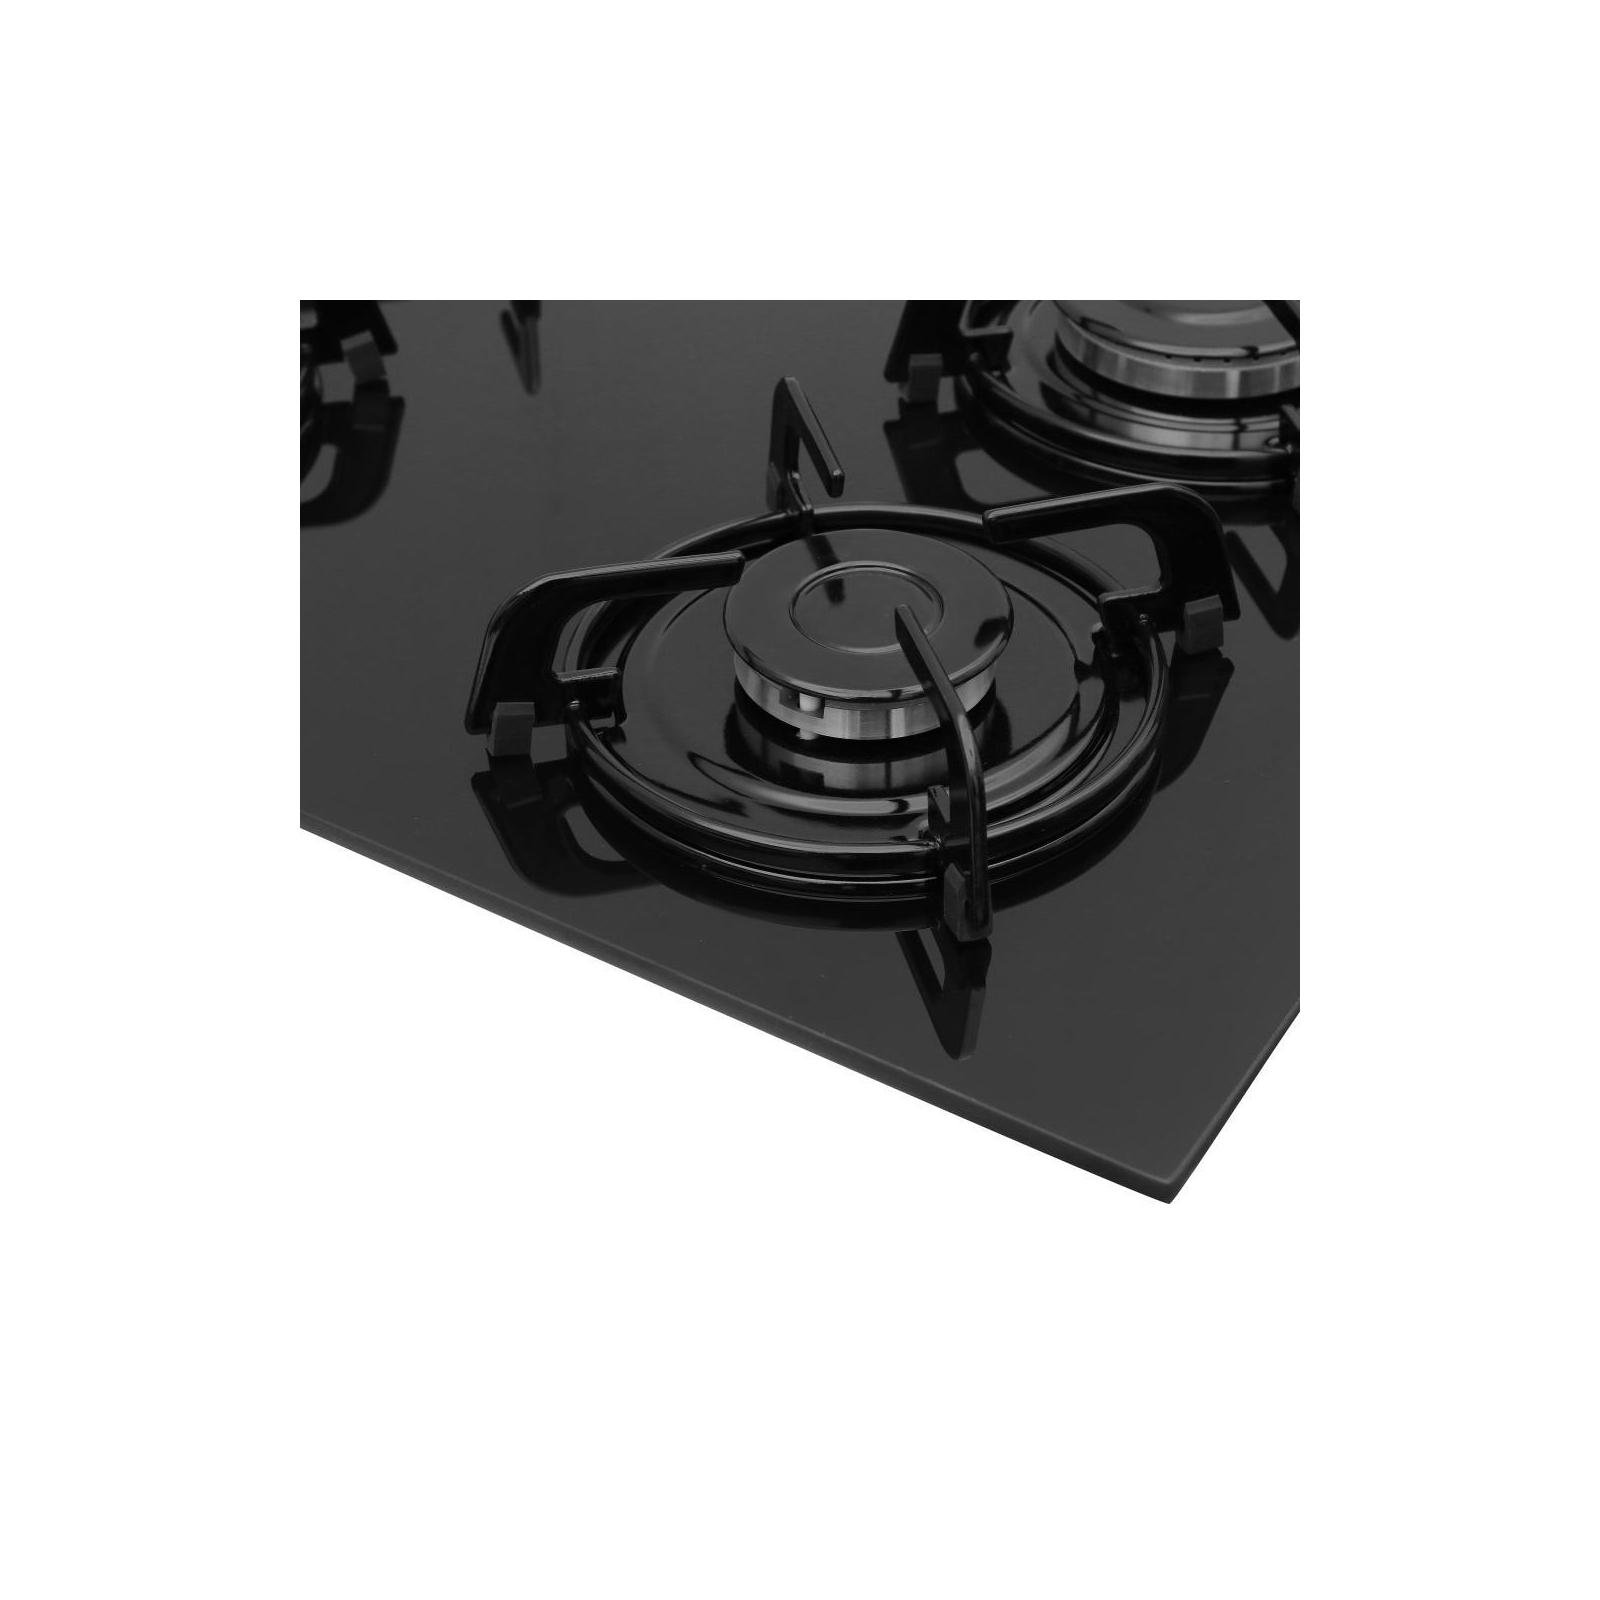 Варочная поверхность MINOLA MGG 61005 BL изображение 4